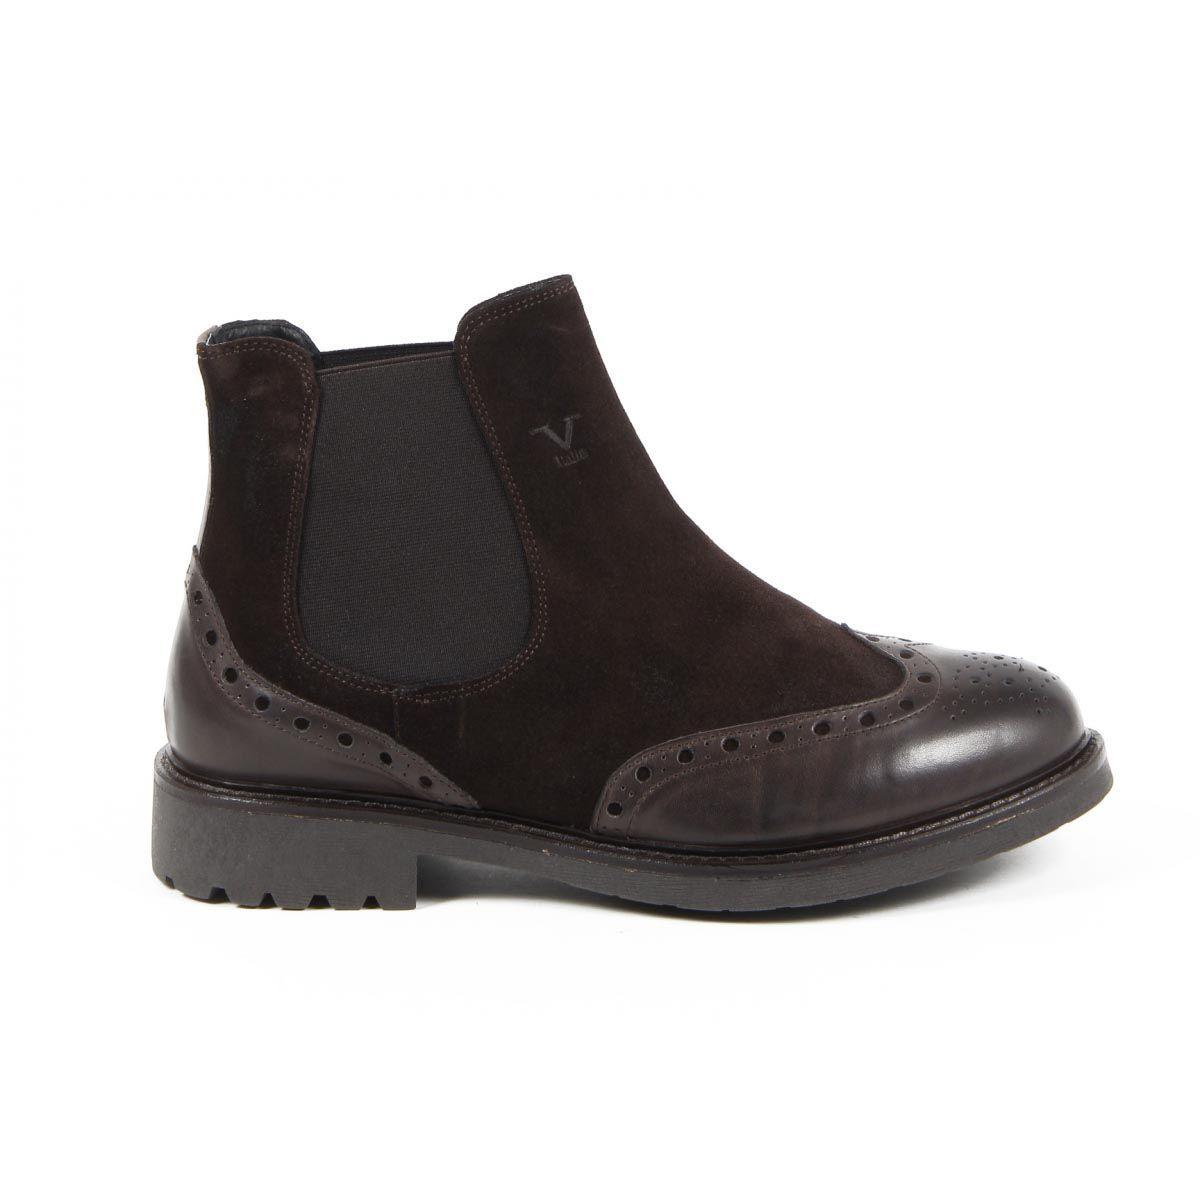 Versace 19.69 Abbigliamento Sportivo Srl Milano Italia Mens Ankle Boot V7015 T. MORO